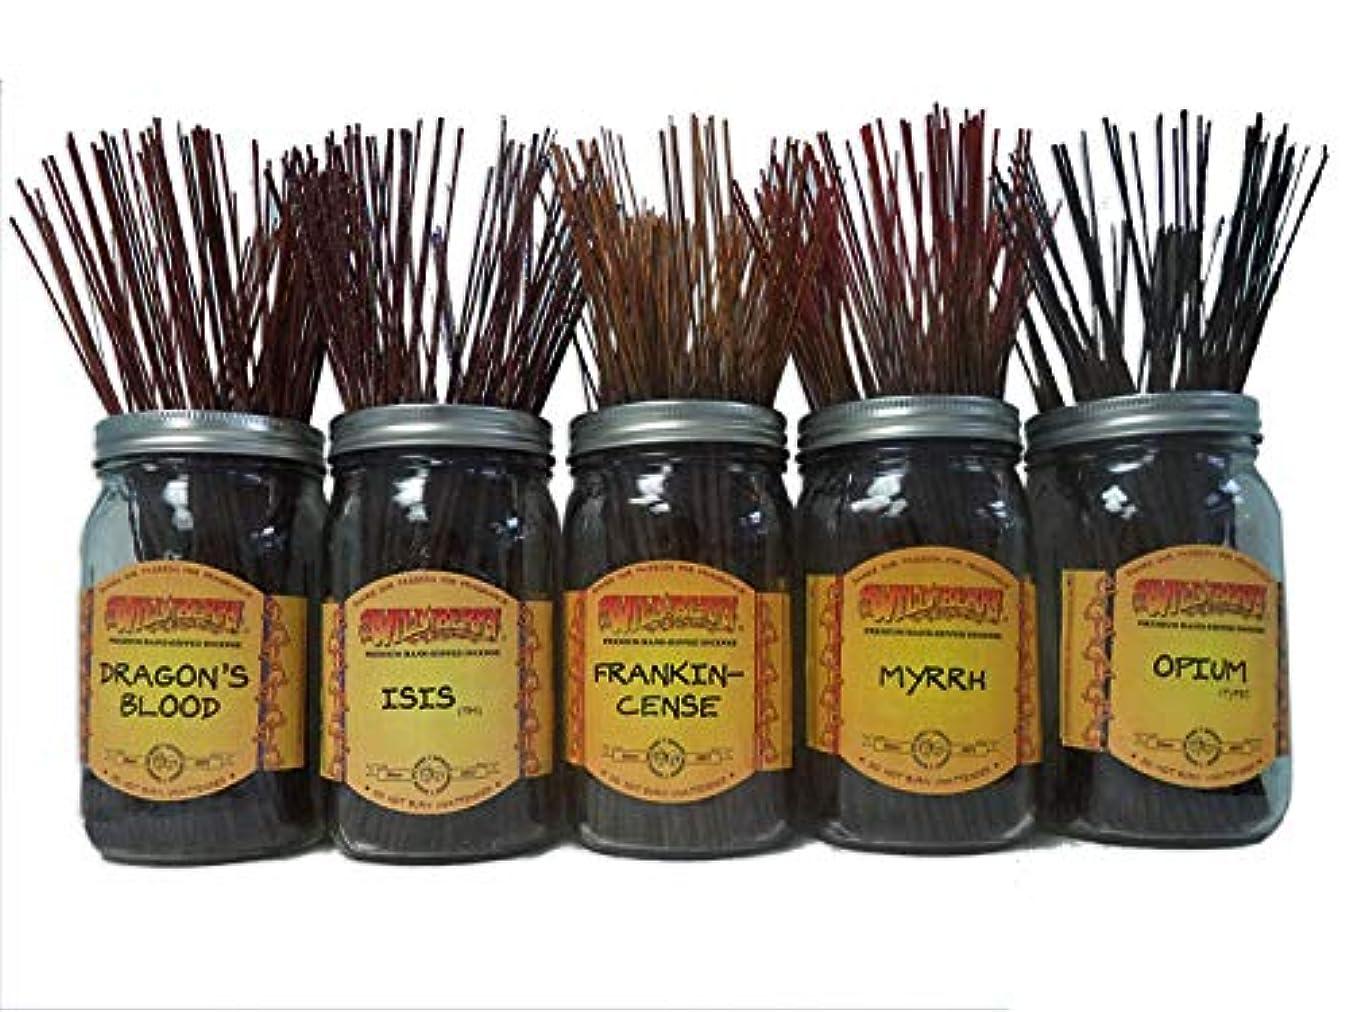 複合トランザクション意図Wildberry Incense SticksスパイシーScentsセット# 1 : 20 Sticks各5の香り、合計100 Sticks 。